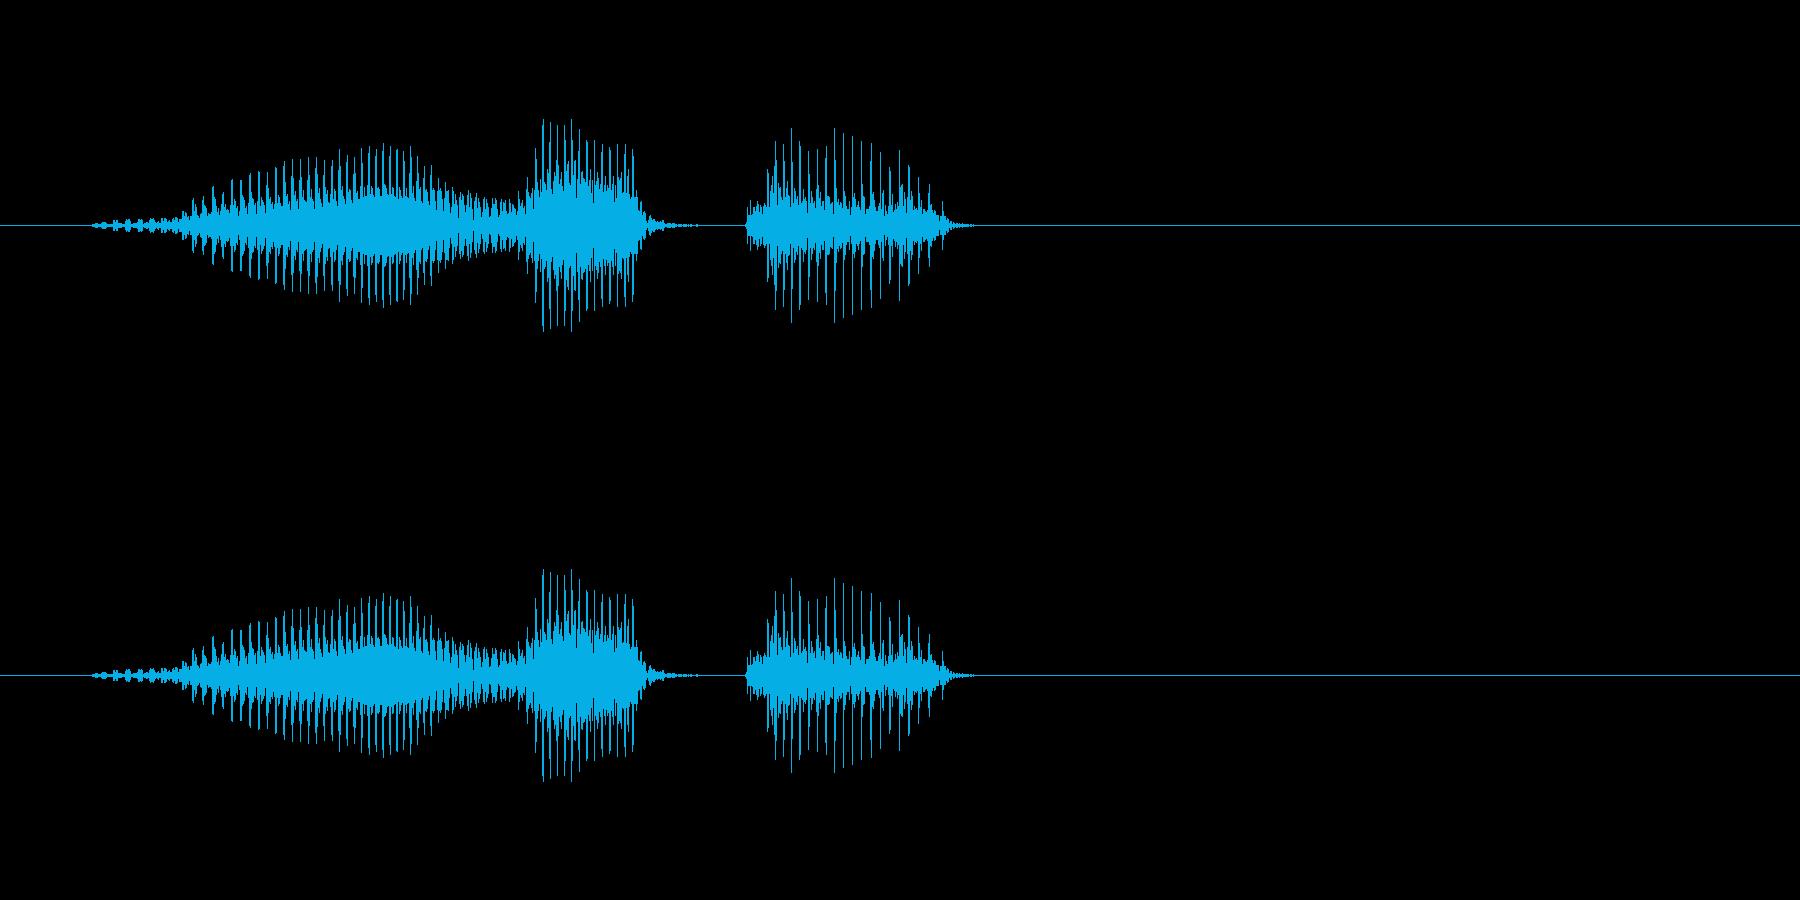 都道府県 - 新潟の再生済みの波形